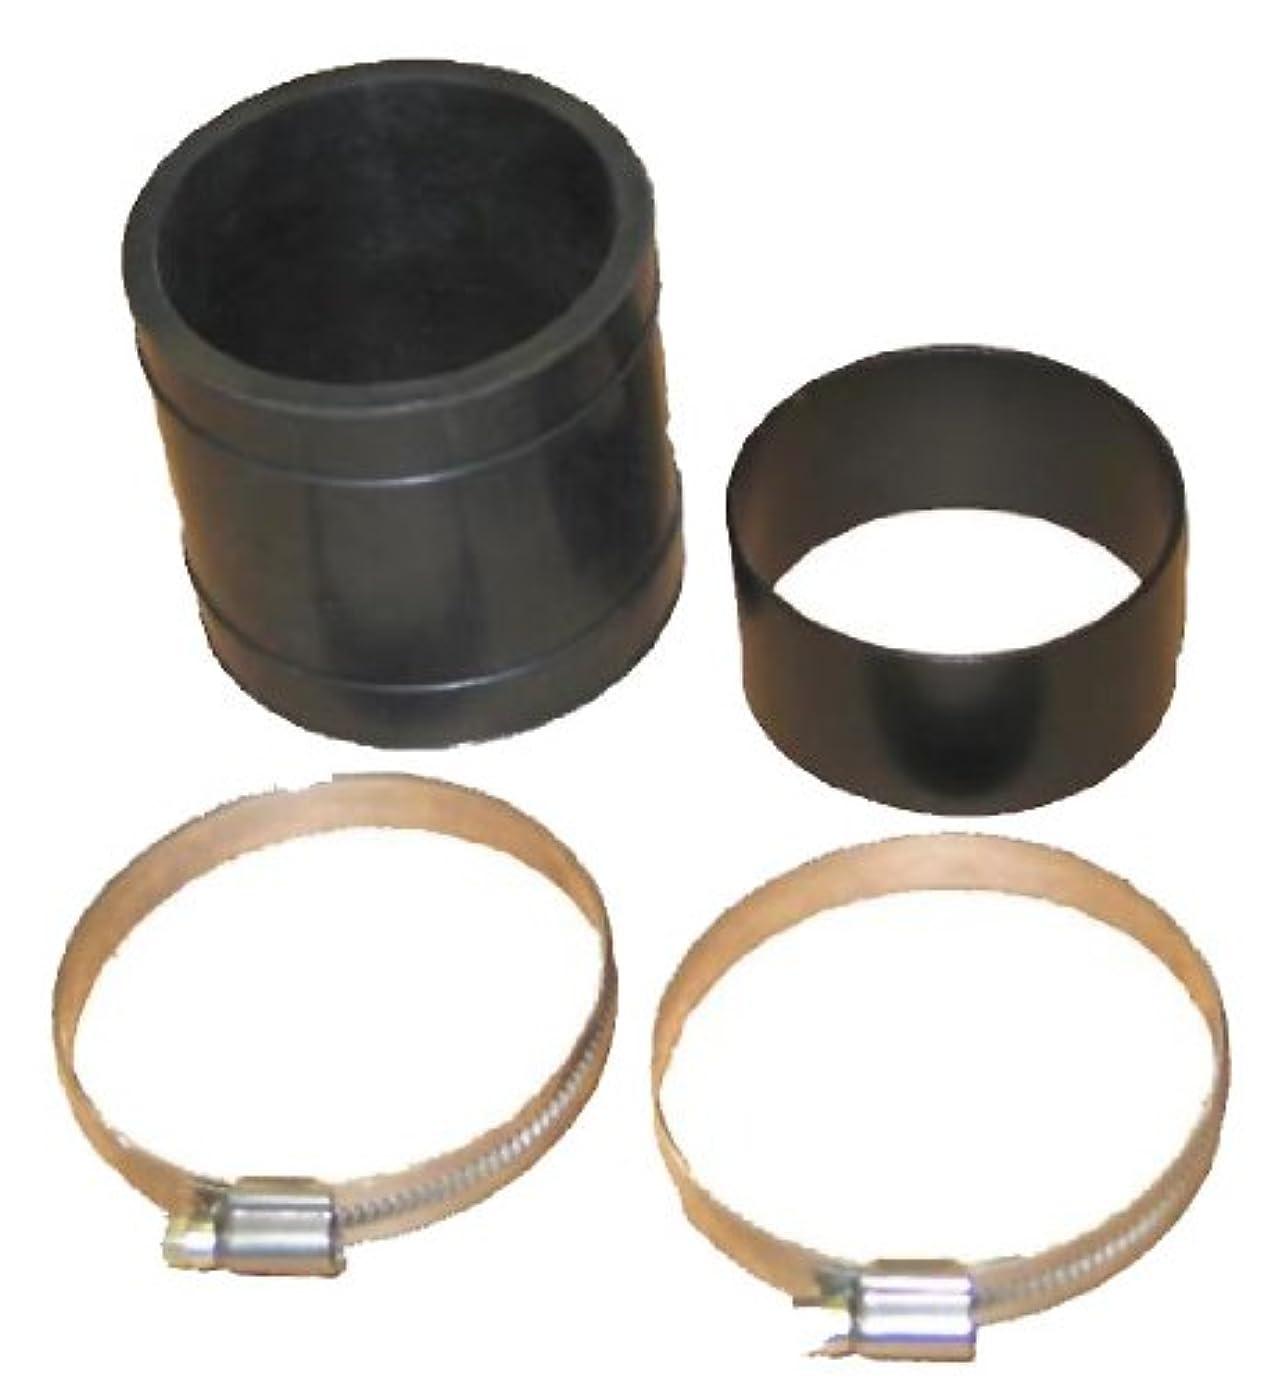 K&N 85-6002 Hose Kit